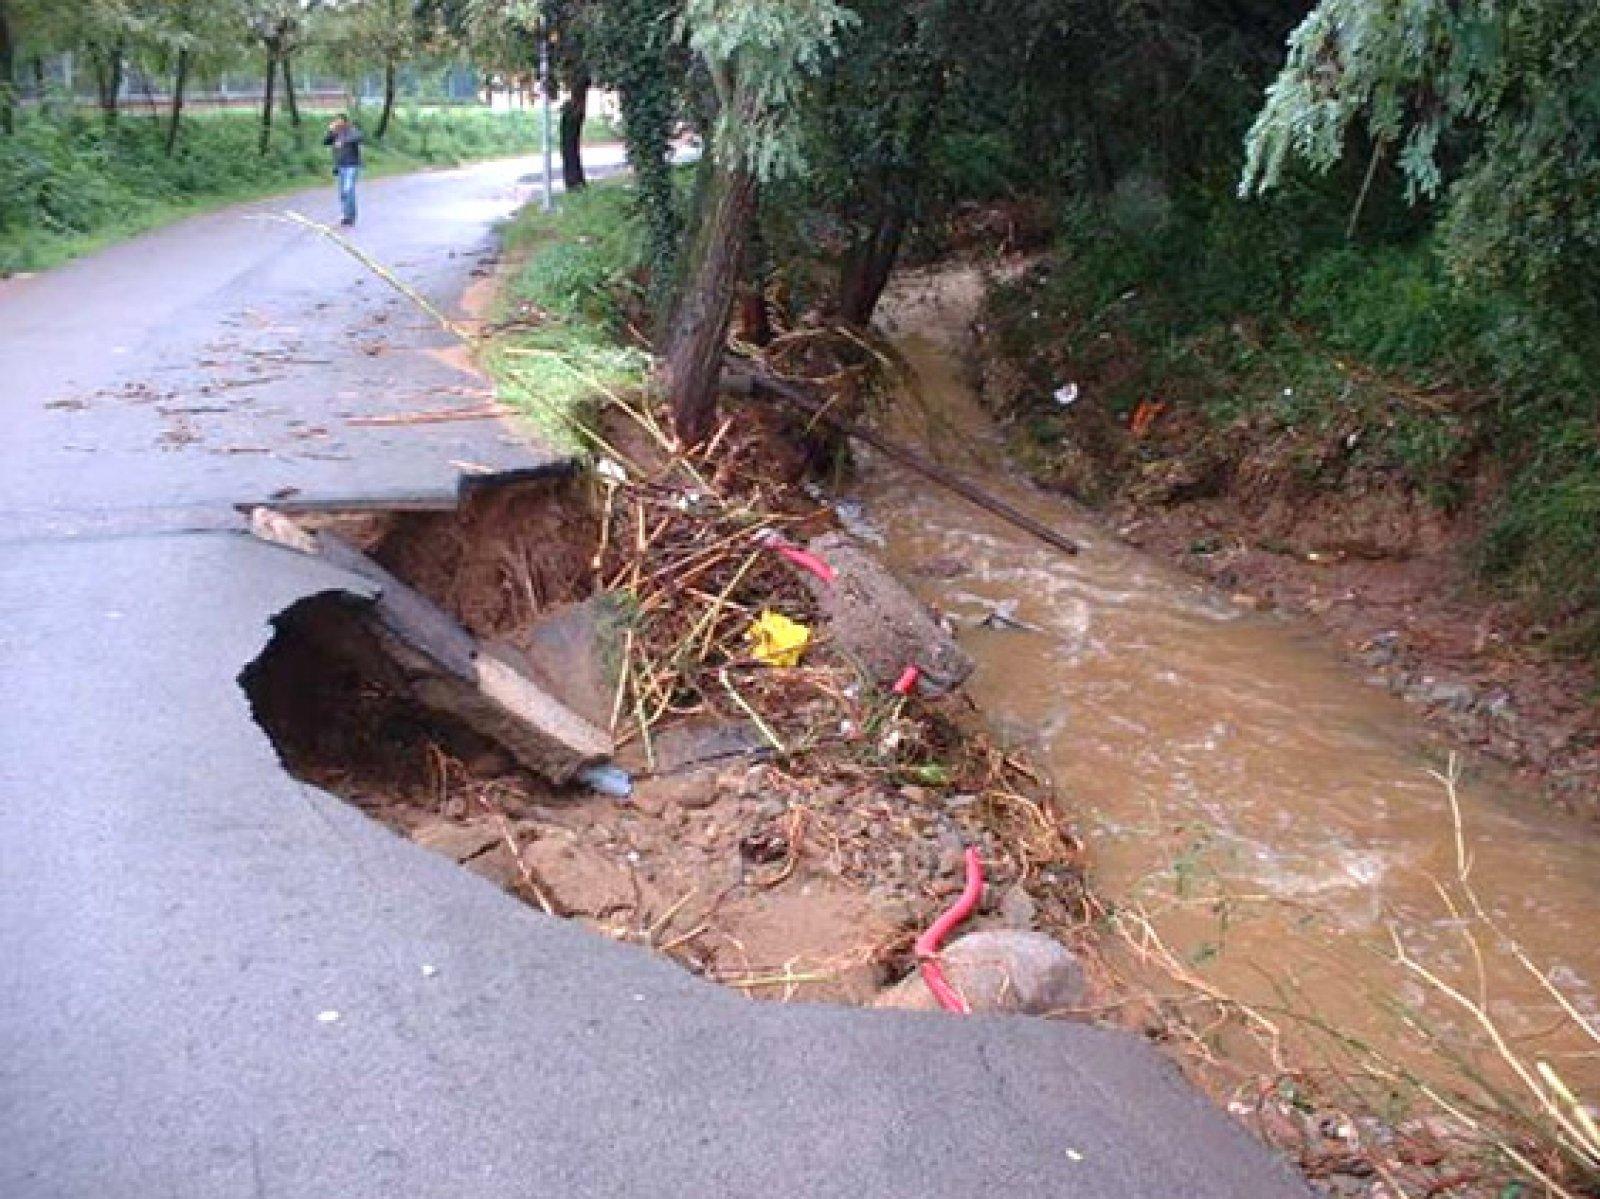 Efectes de la crescuda d'una riera en un camí asfaltat